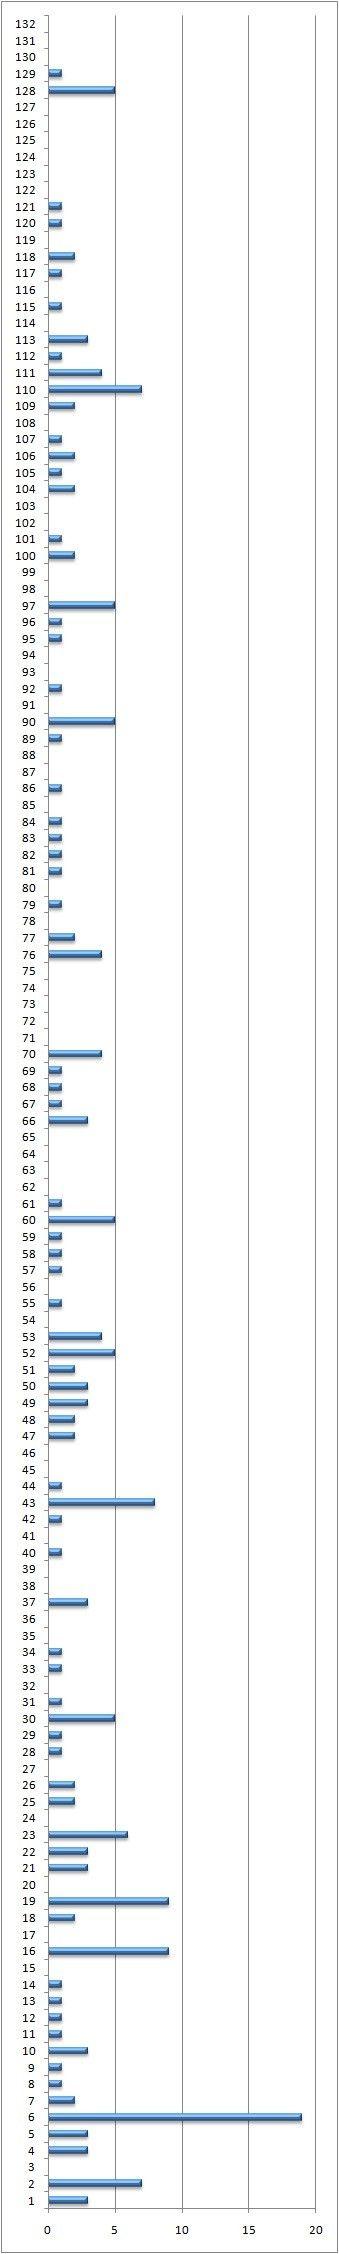 نمودار رای های داده شده